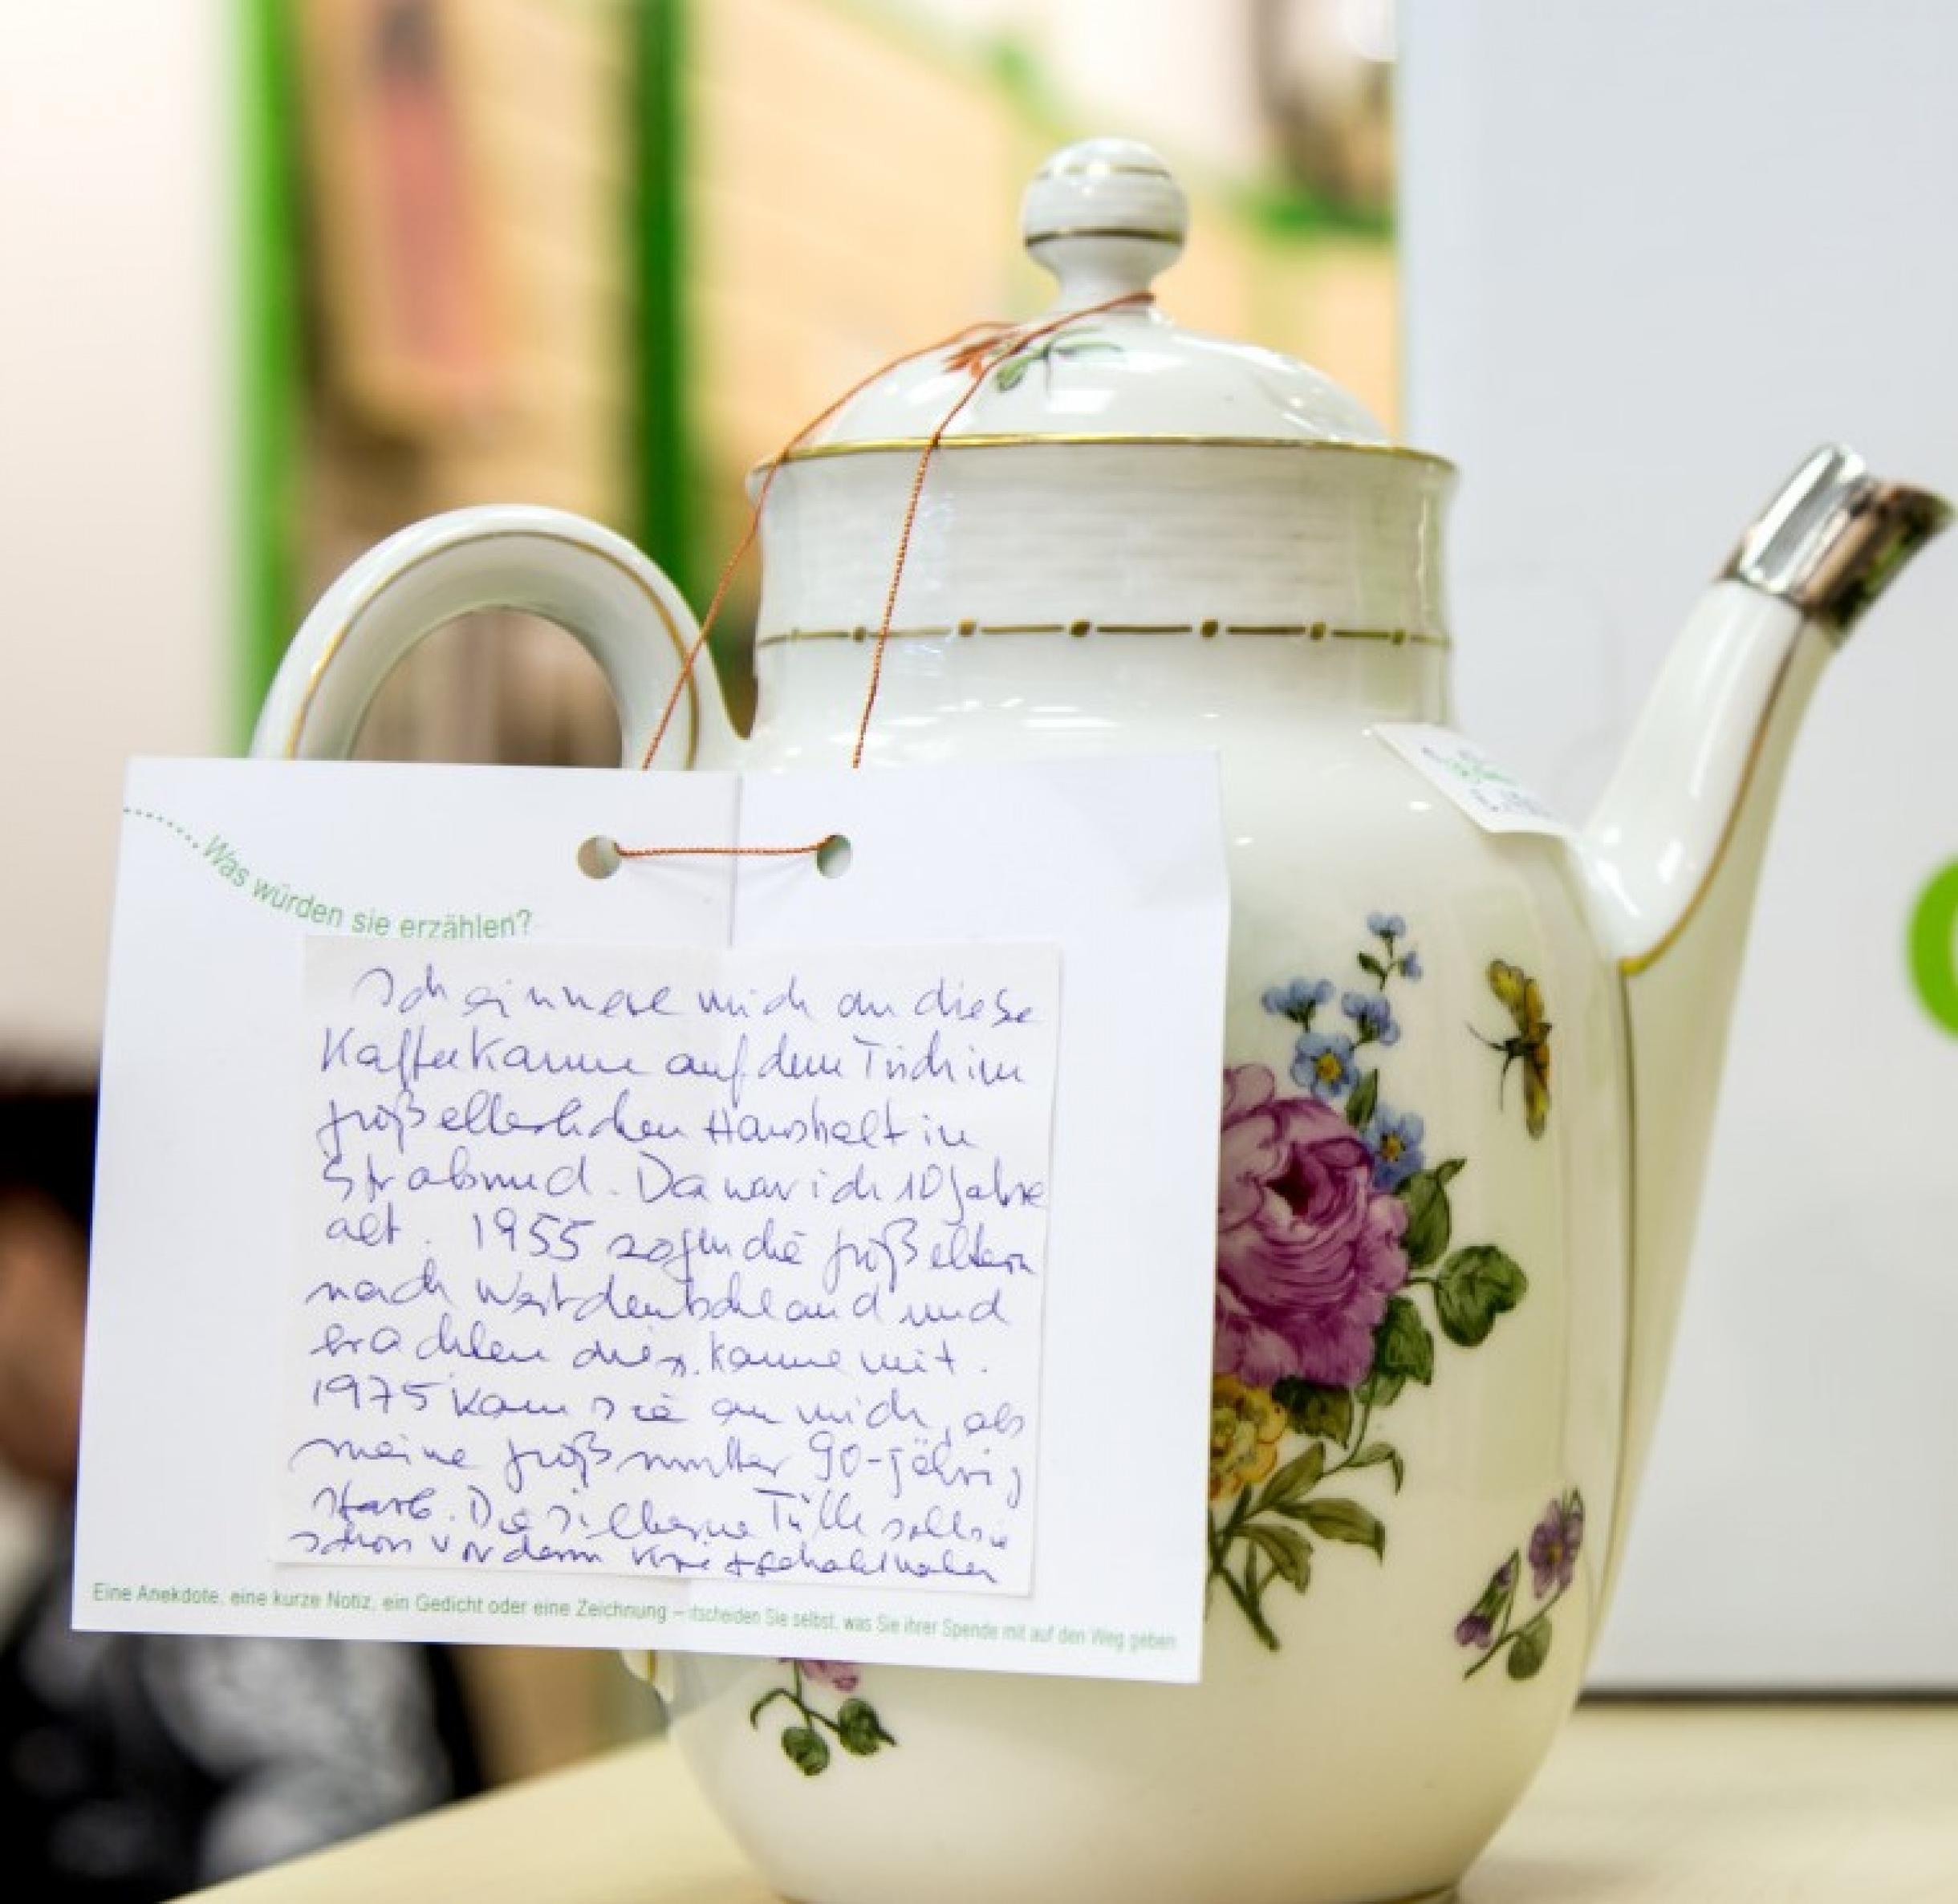 eine Kanne im Oxfam Shop – mit ihrer Geschichte